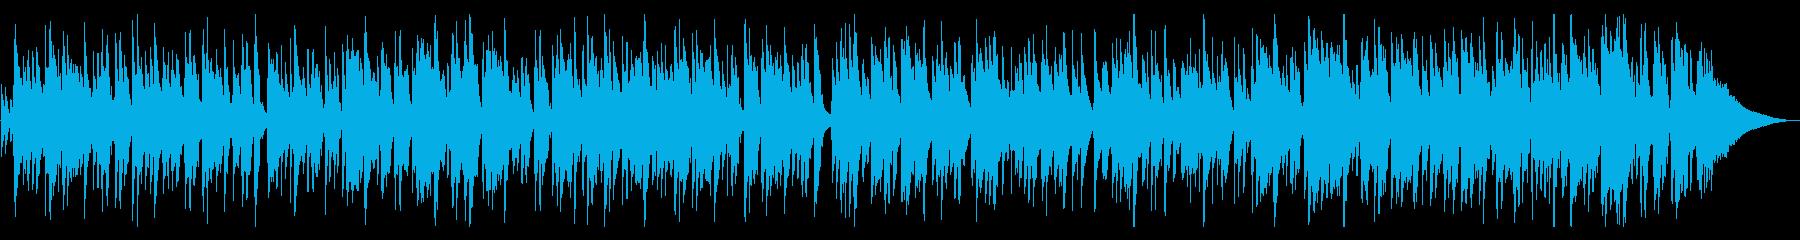 リラックスできる綺麗なピアノ曲の再生済みの波形